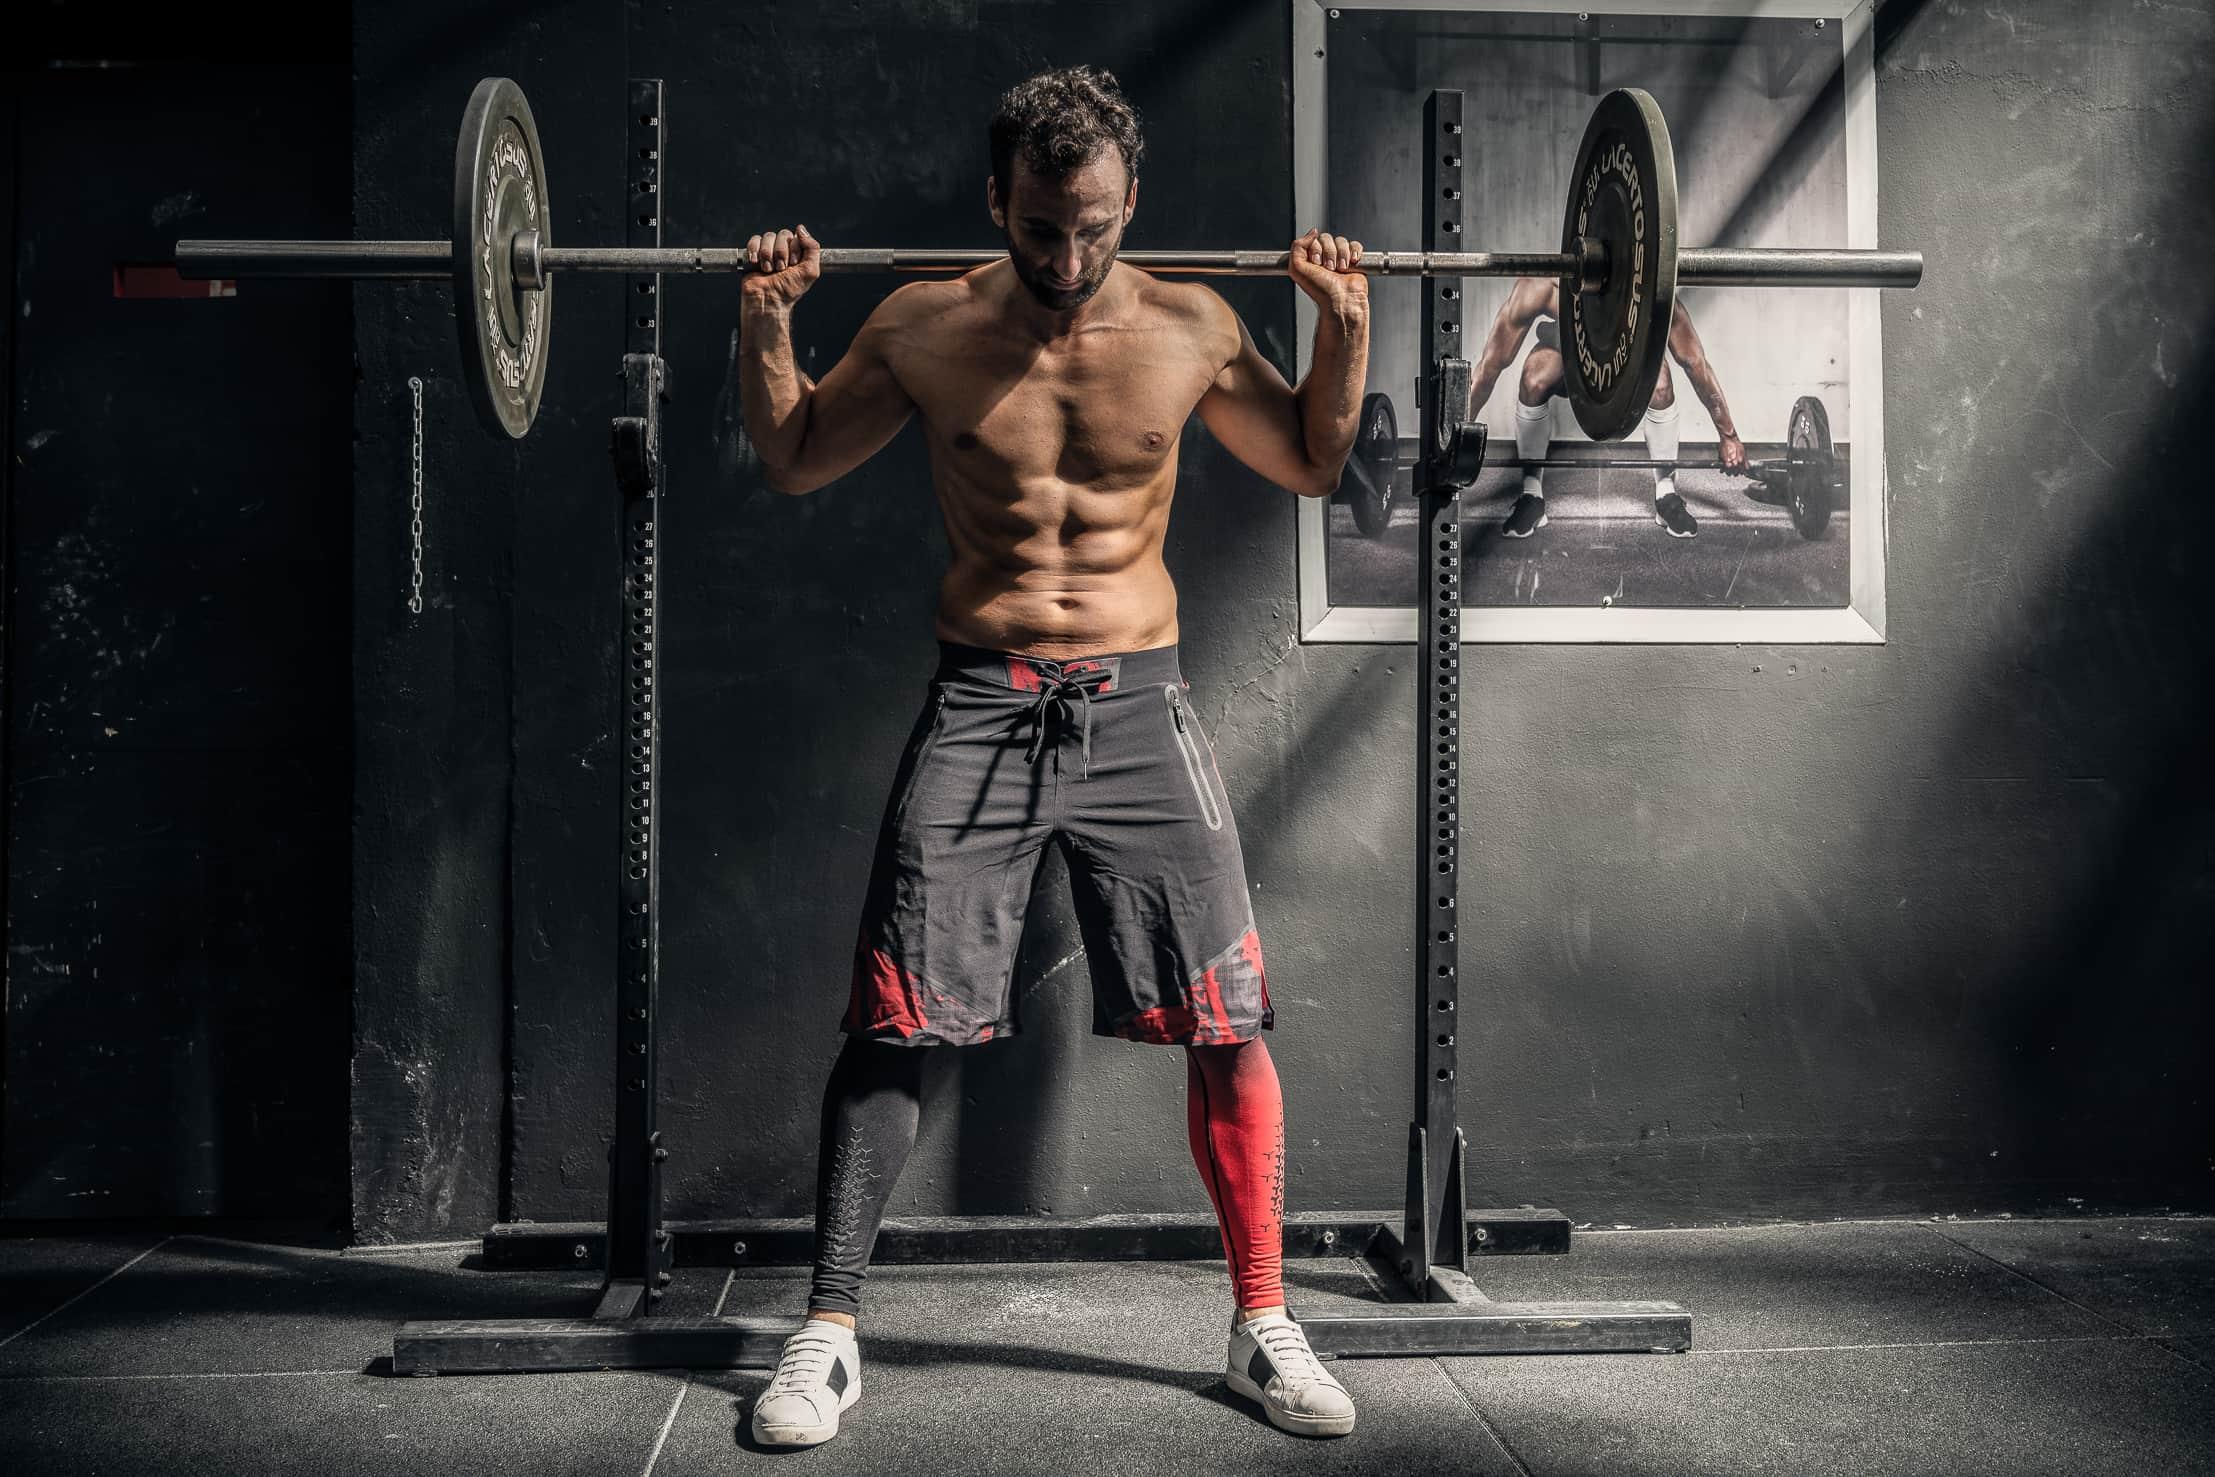 fotografofitness ragazzo muscoloso allo squat in palestra